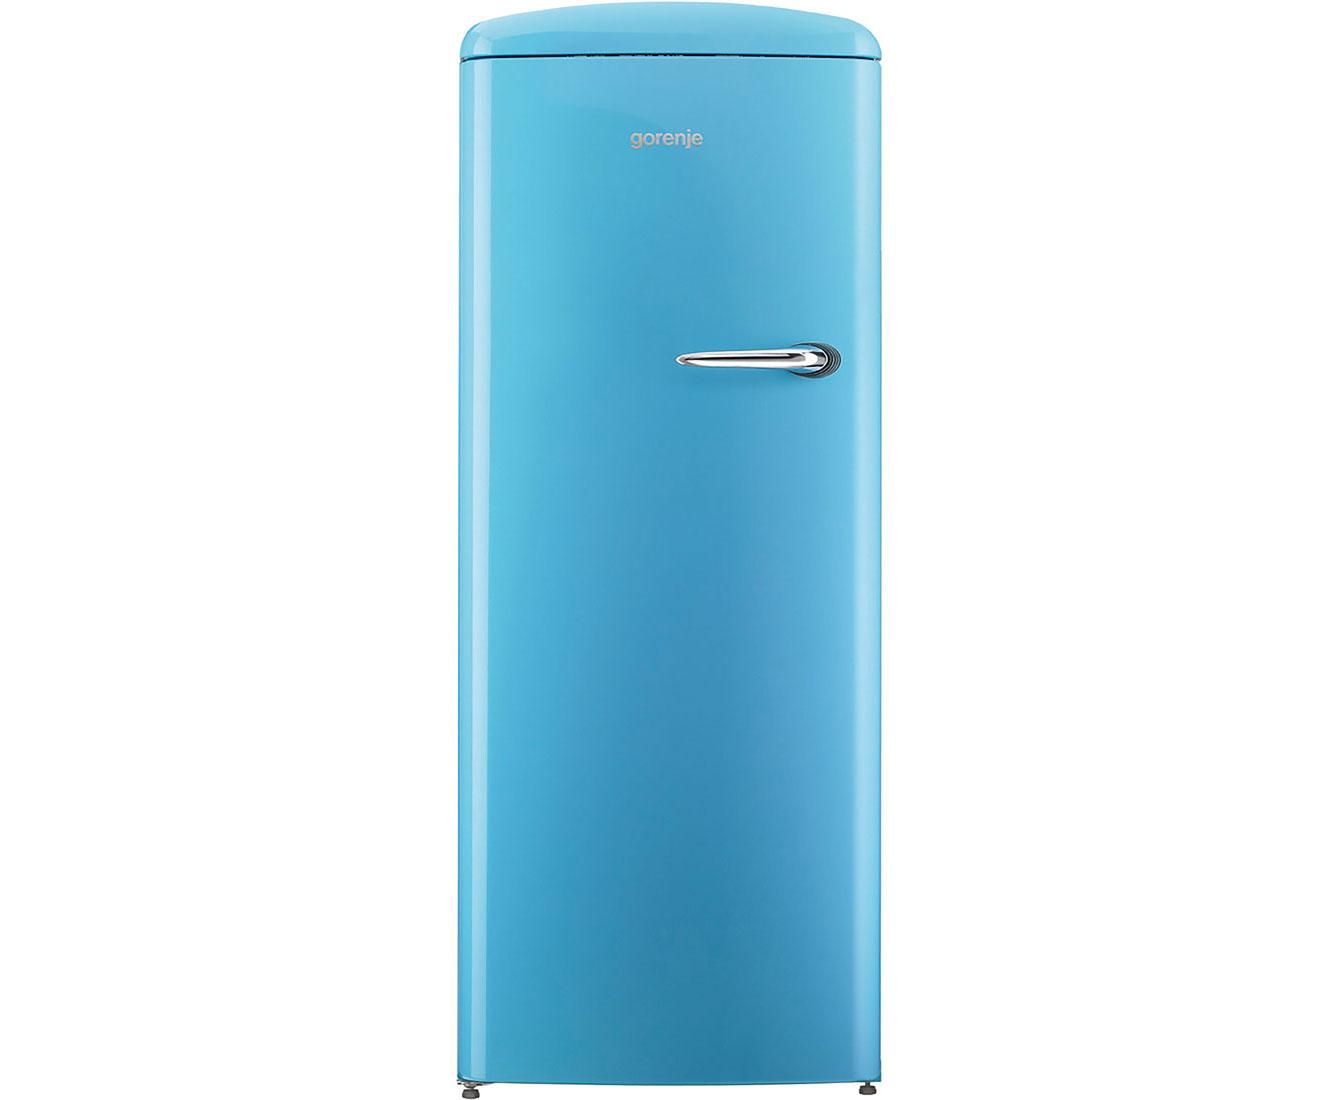 Amerikanischer Kühlschrank Gorenje : Gorenje kühlschrank retro collection rb 60299 ??auch in ocean blue